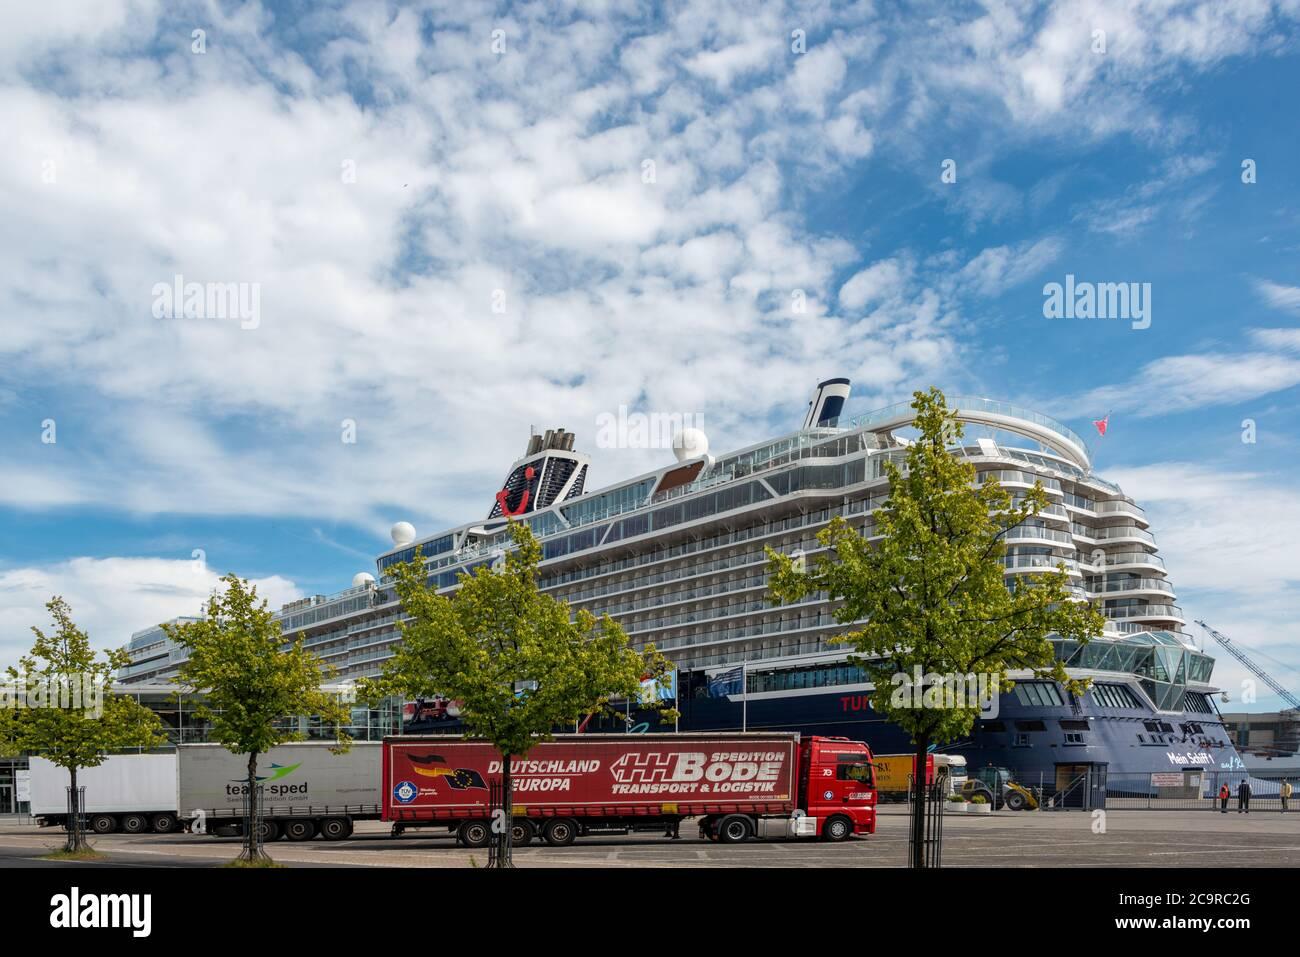 Das erste Kreuzfahrtschiff des Jahres, die Mein Schiff 1,  ist am Ostseekai ohne Passagiere in Kiel eingetroffen. Sie wird hier proviantiert Stock Photo